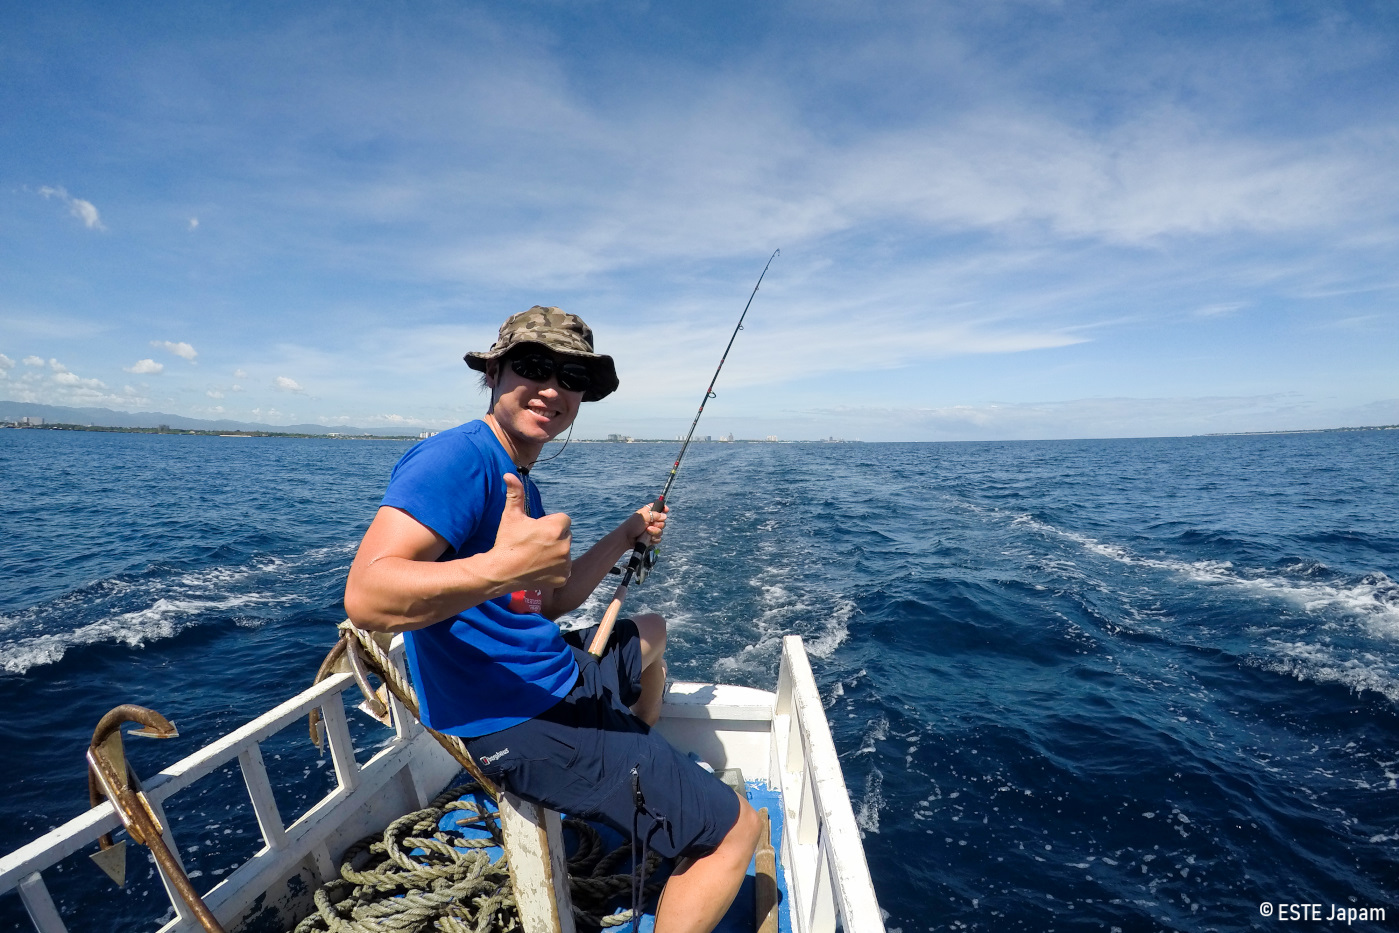 貸切ボートで釣りをする男性